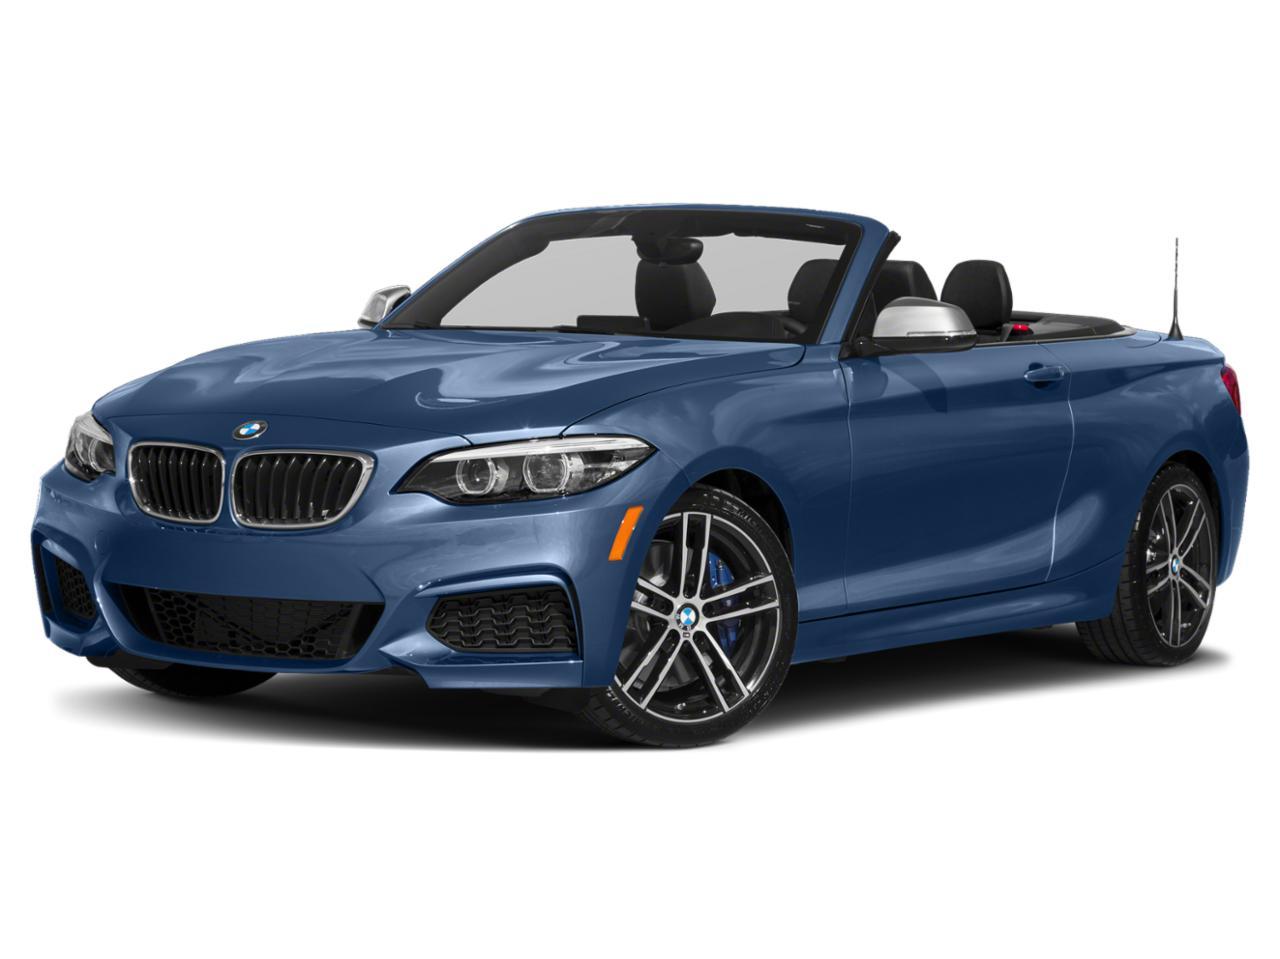 2018 BMW M240i xDrive Vehicle Photo in Spokane, WA 99207